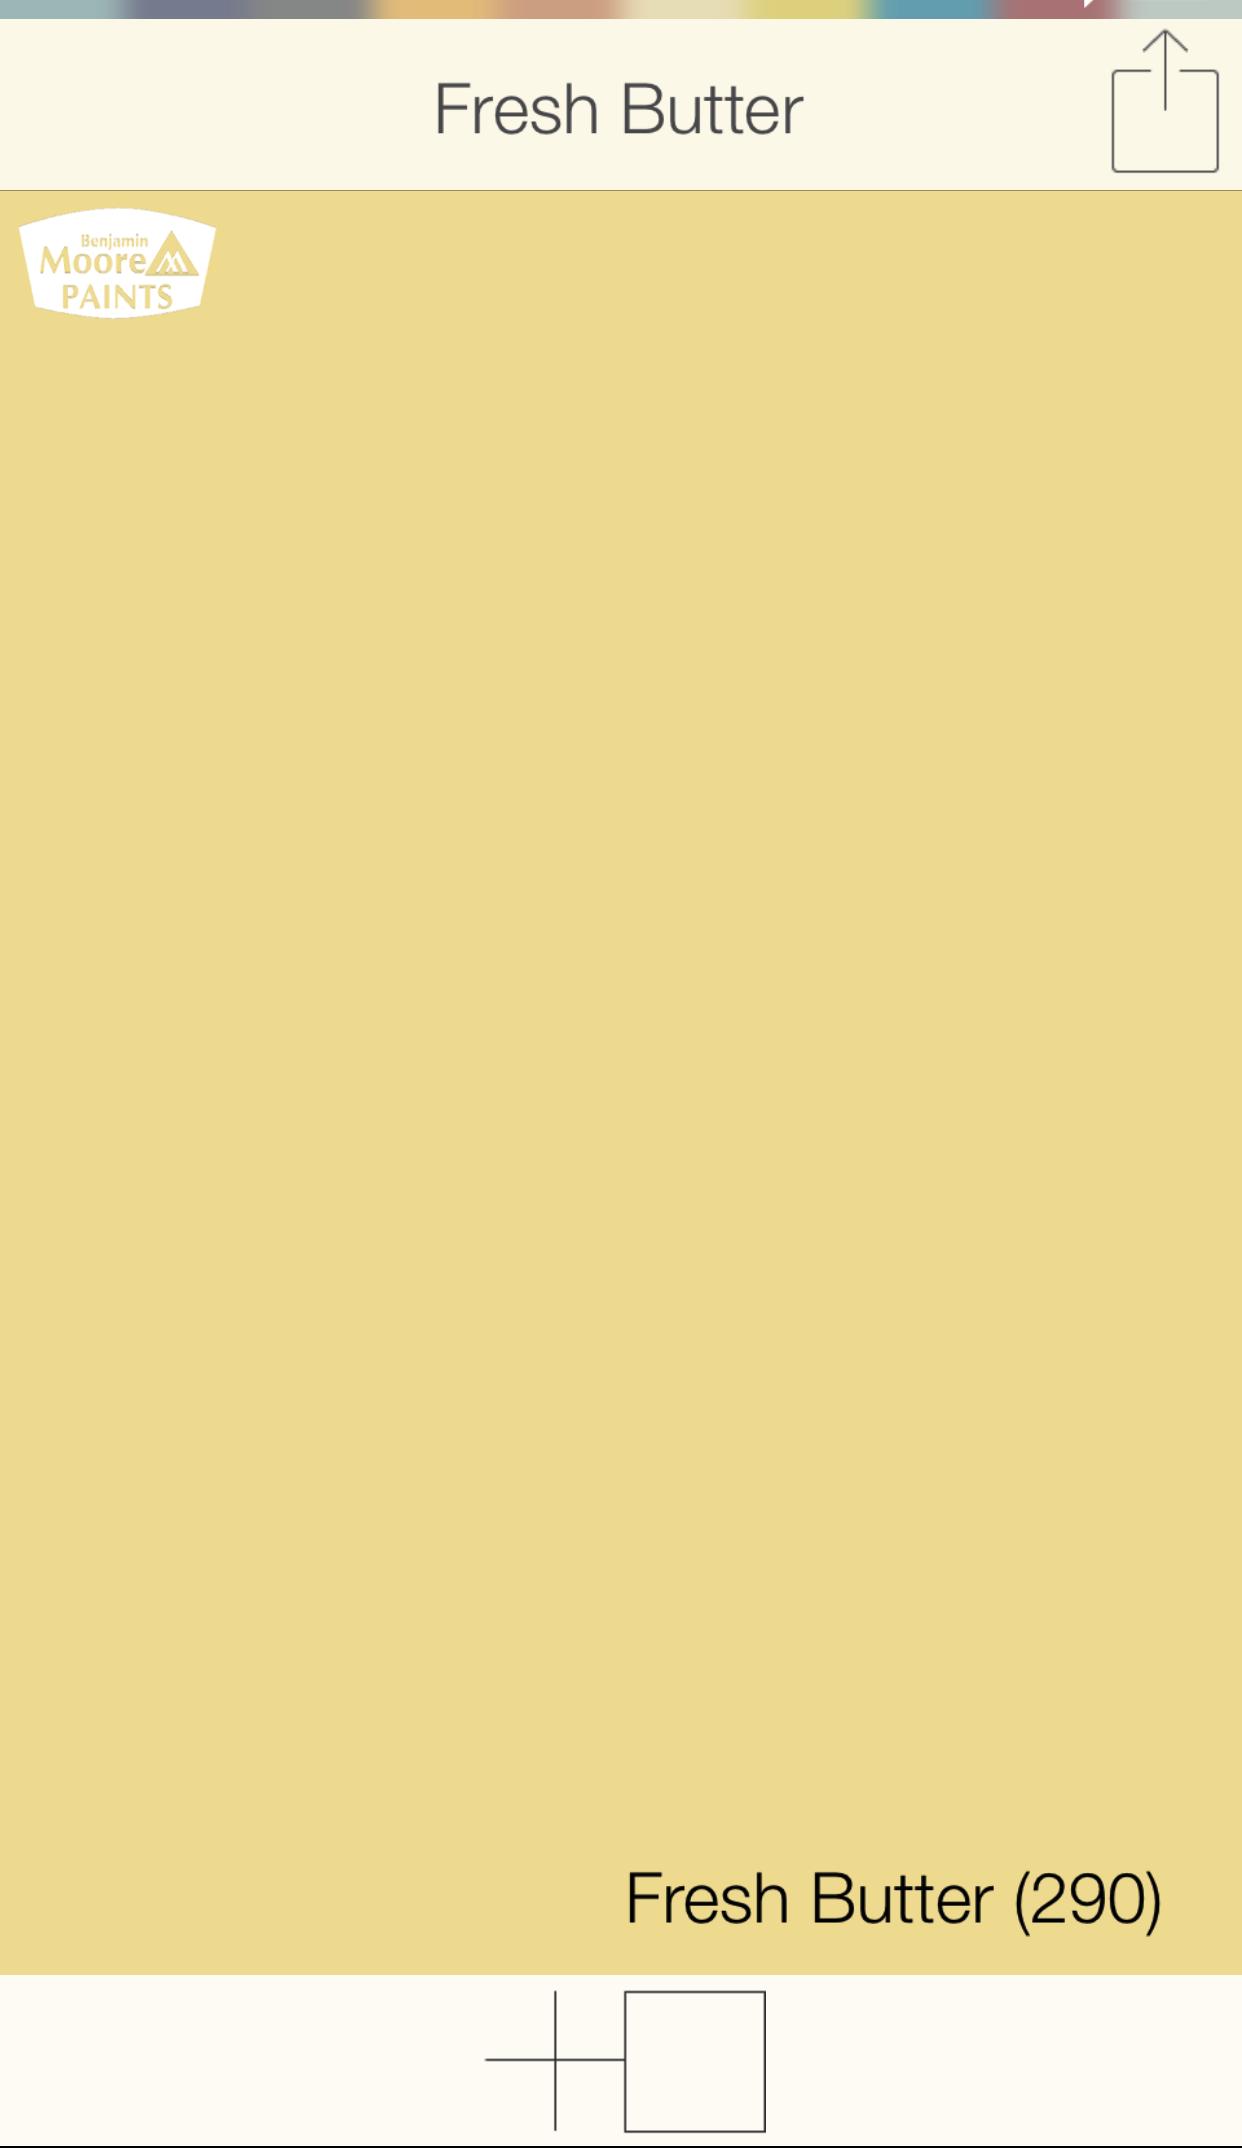 Yellow Front Door Colors Fresh Butter 290 Benjamin Moore Paints Swatchdeck App Use The